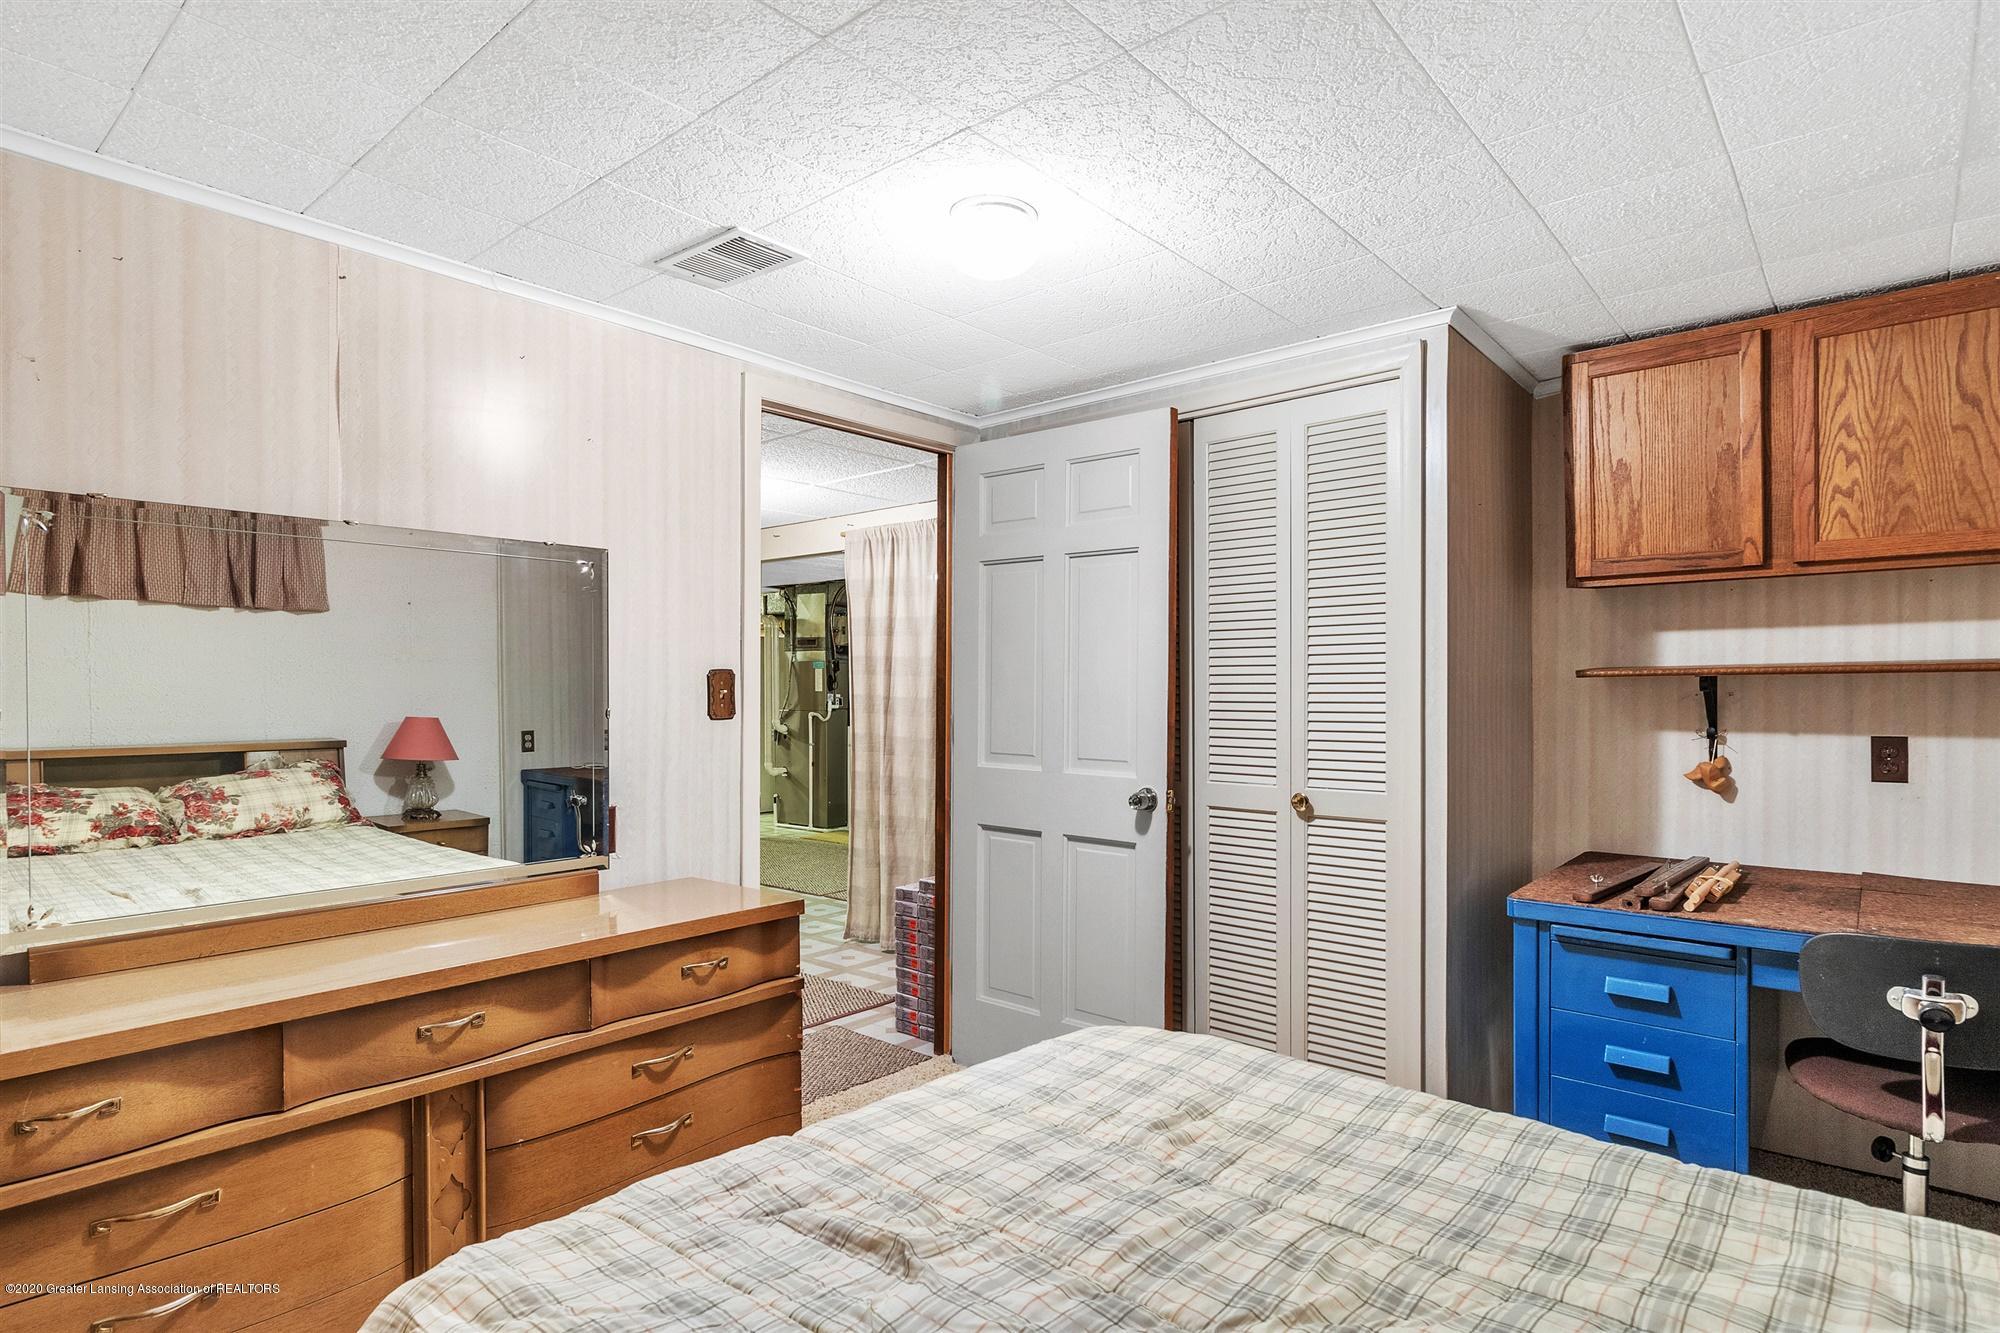 10494 Nixon Rd - 45-10494 Nixon Rd-windowstill-reale - 43